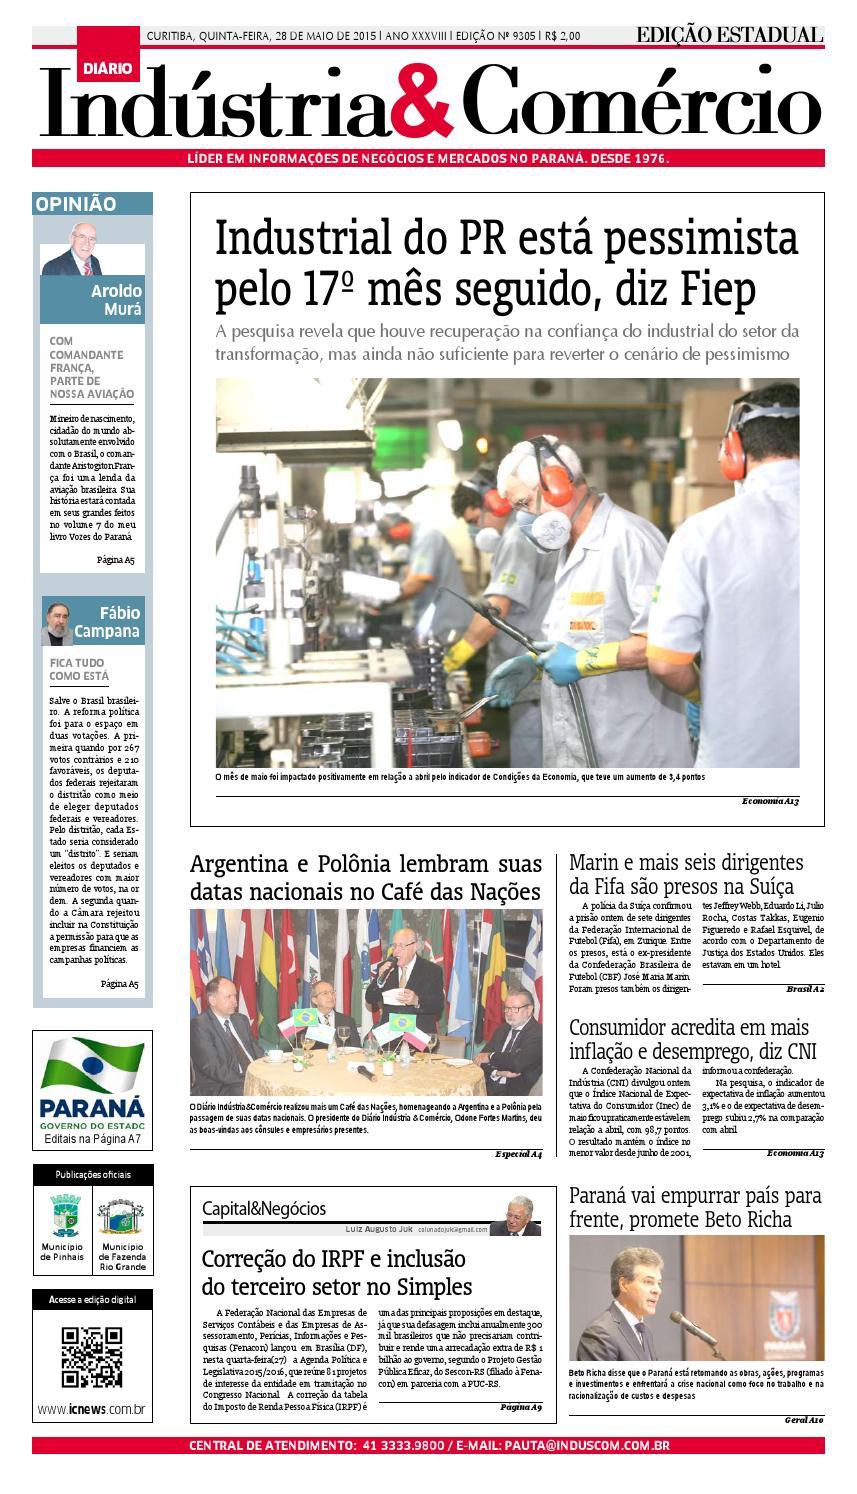 cb1a869c9c1 Diário Indústria Comércio - 28 de maio de 2015 by Diário Indústria    Comércio - issuu